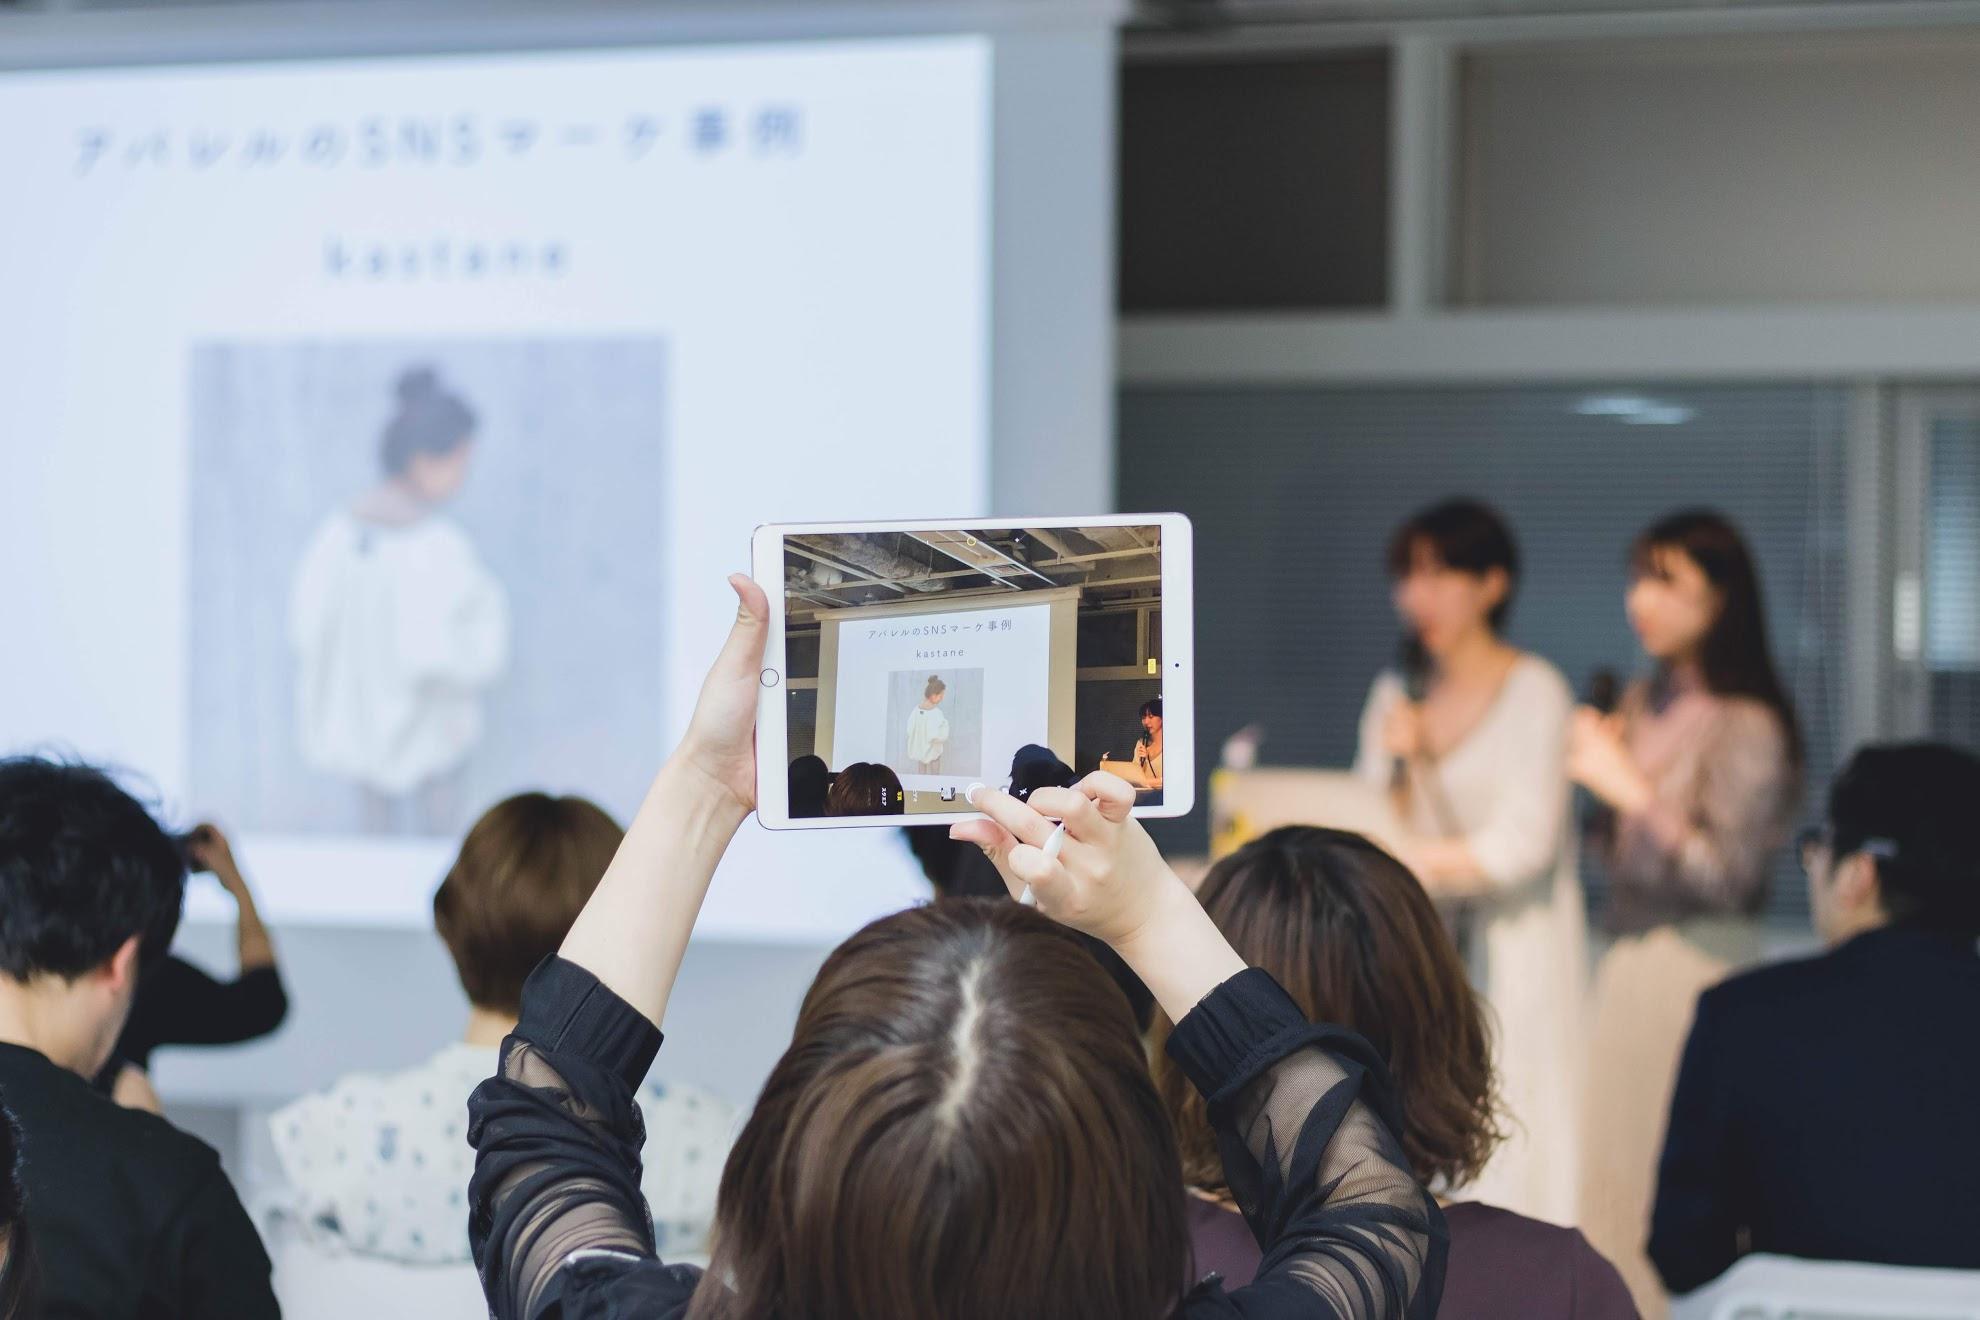 若者世代の消費行動は「neorare」が知っている。女子大生コンサルティング集団による「ワカモノ授業」イベントレポート